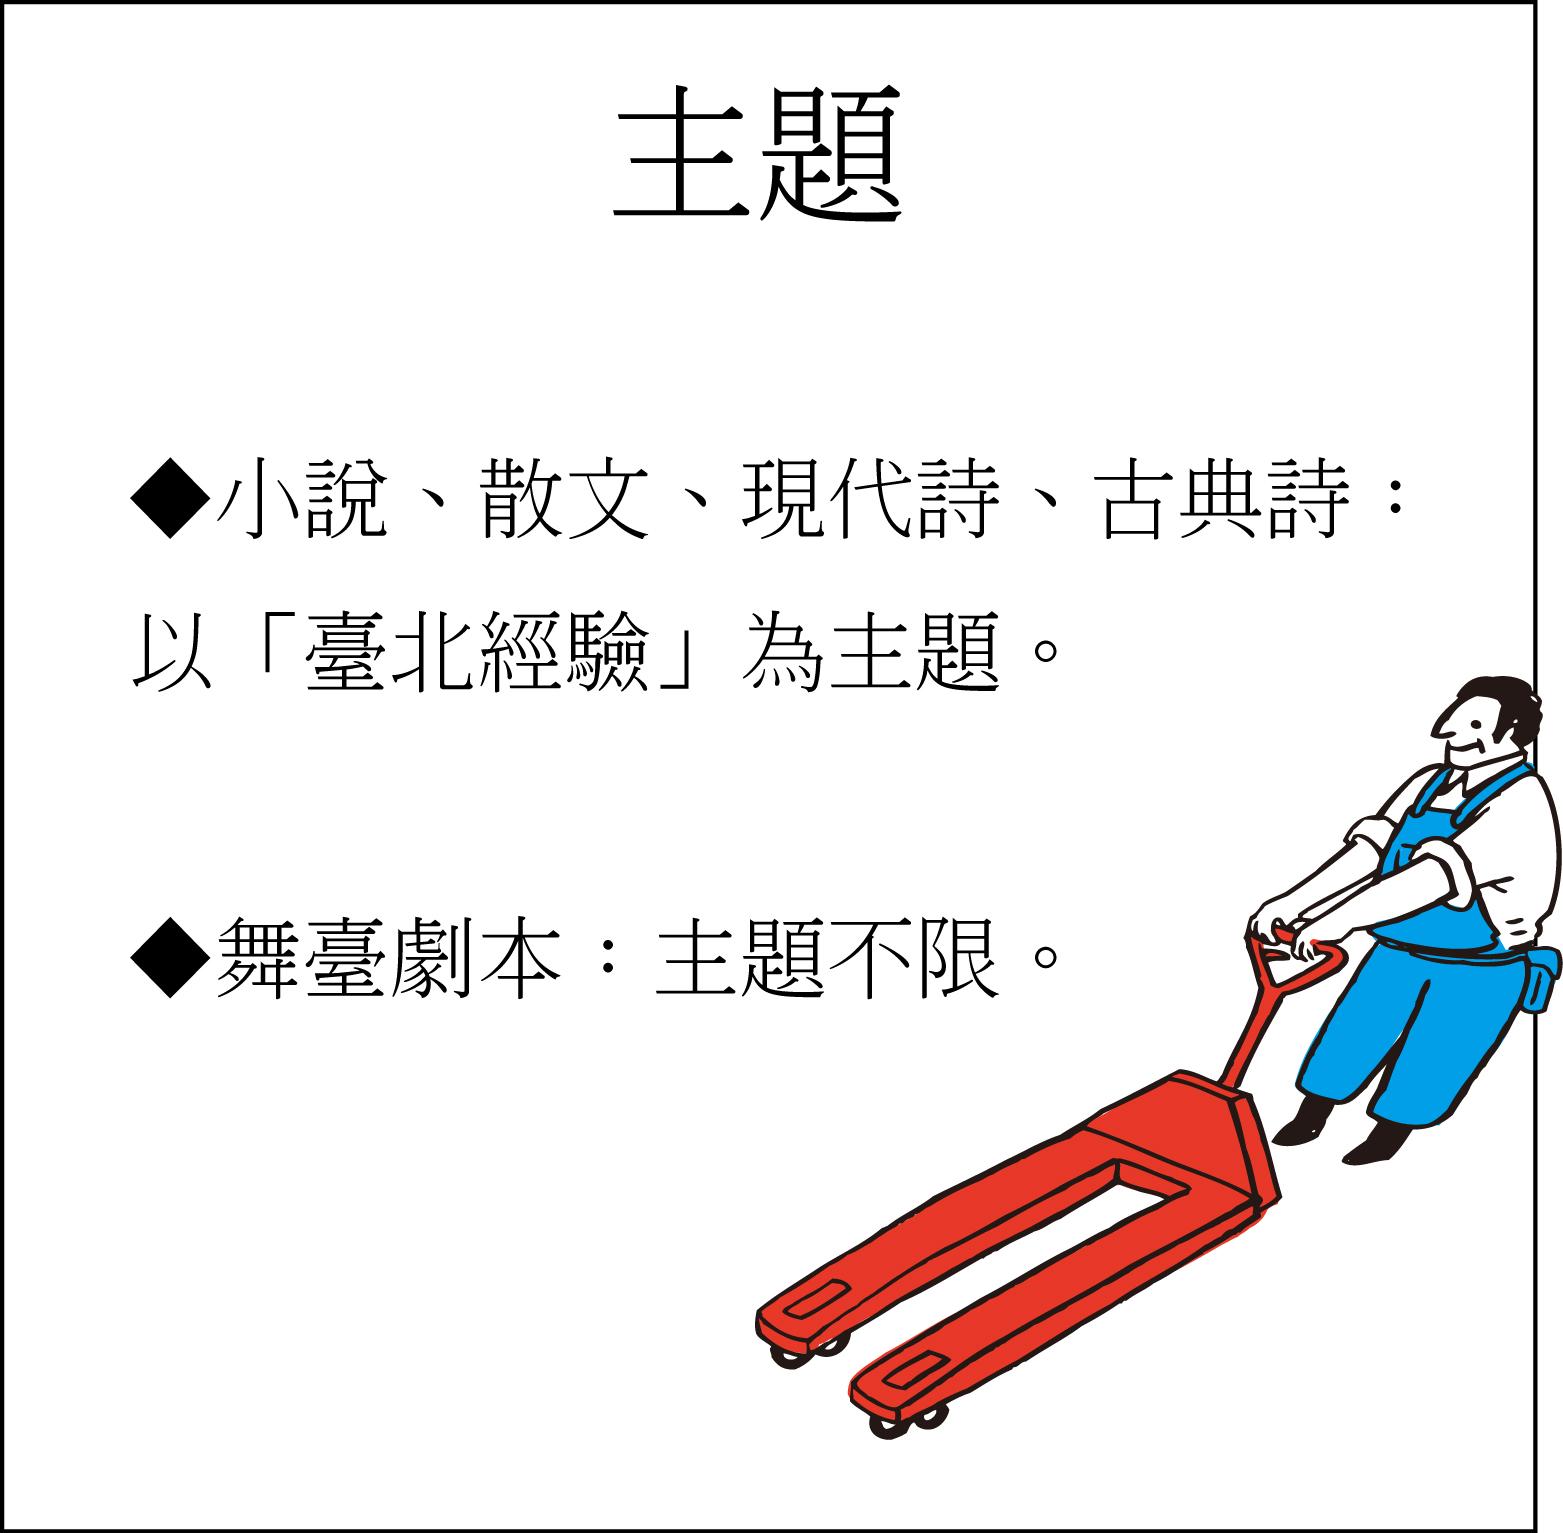 ◆小說、散文、現代詩、古典詩:以「臺北經驗」為主題。◆舞臺劇本:主題不限。